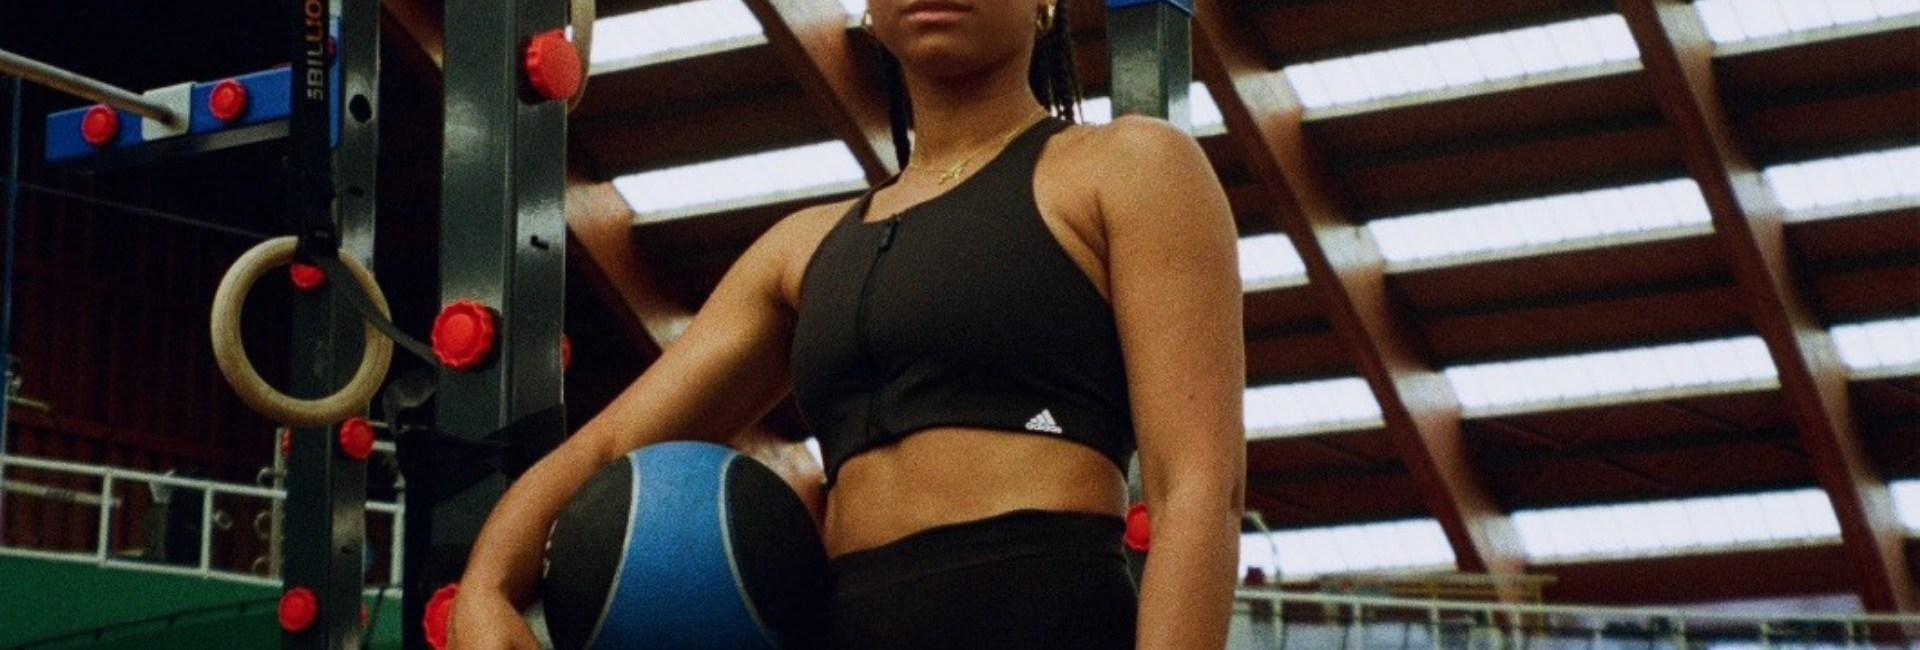 Ysaora thibus championne olympique d'escrime